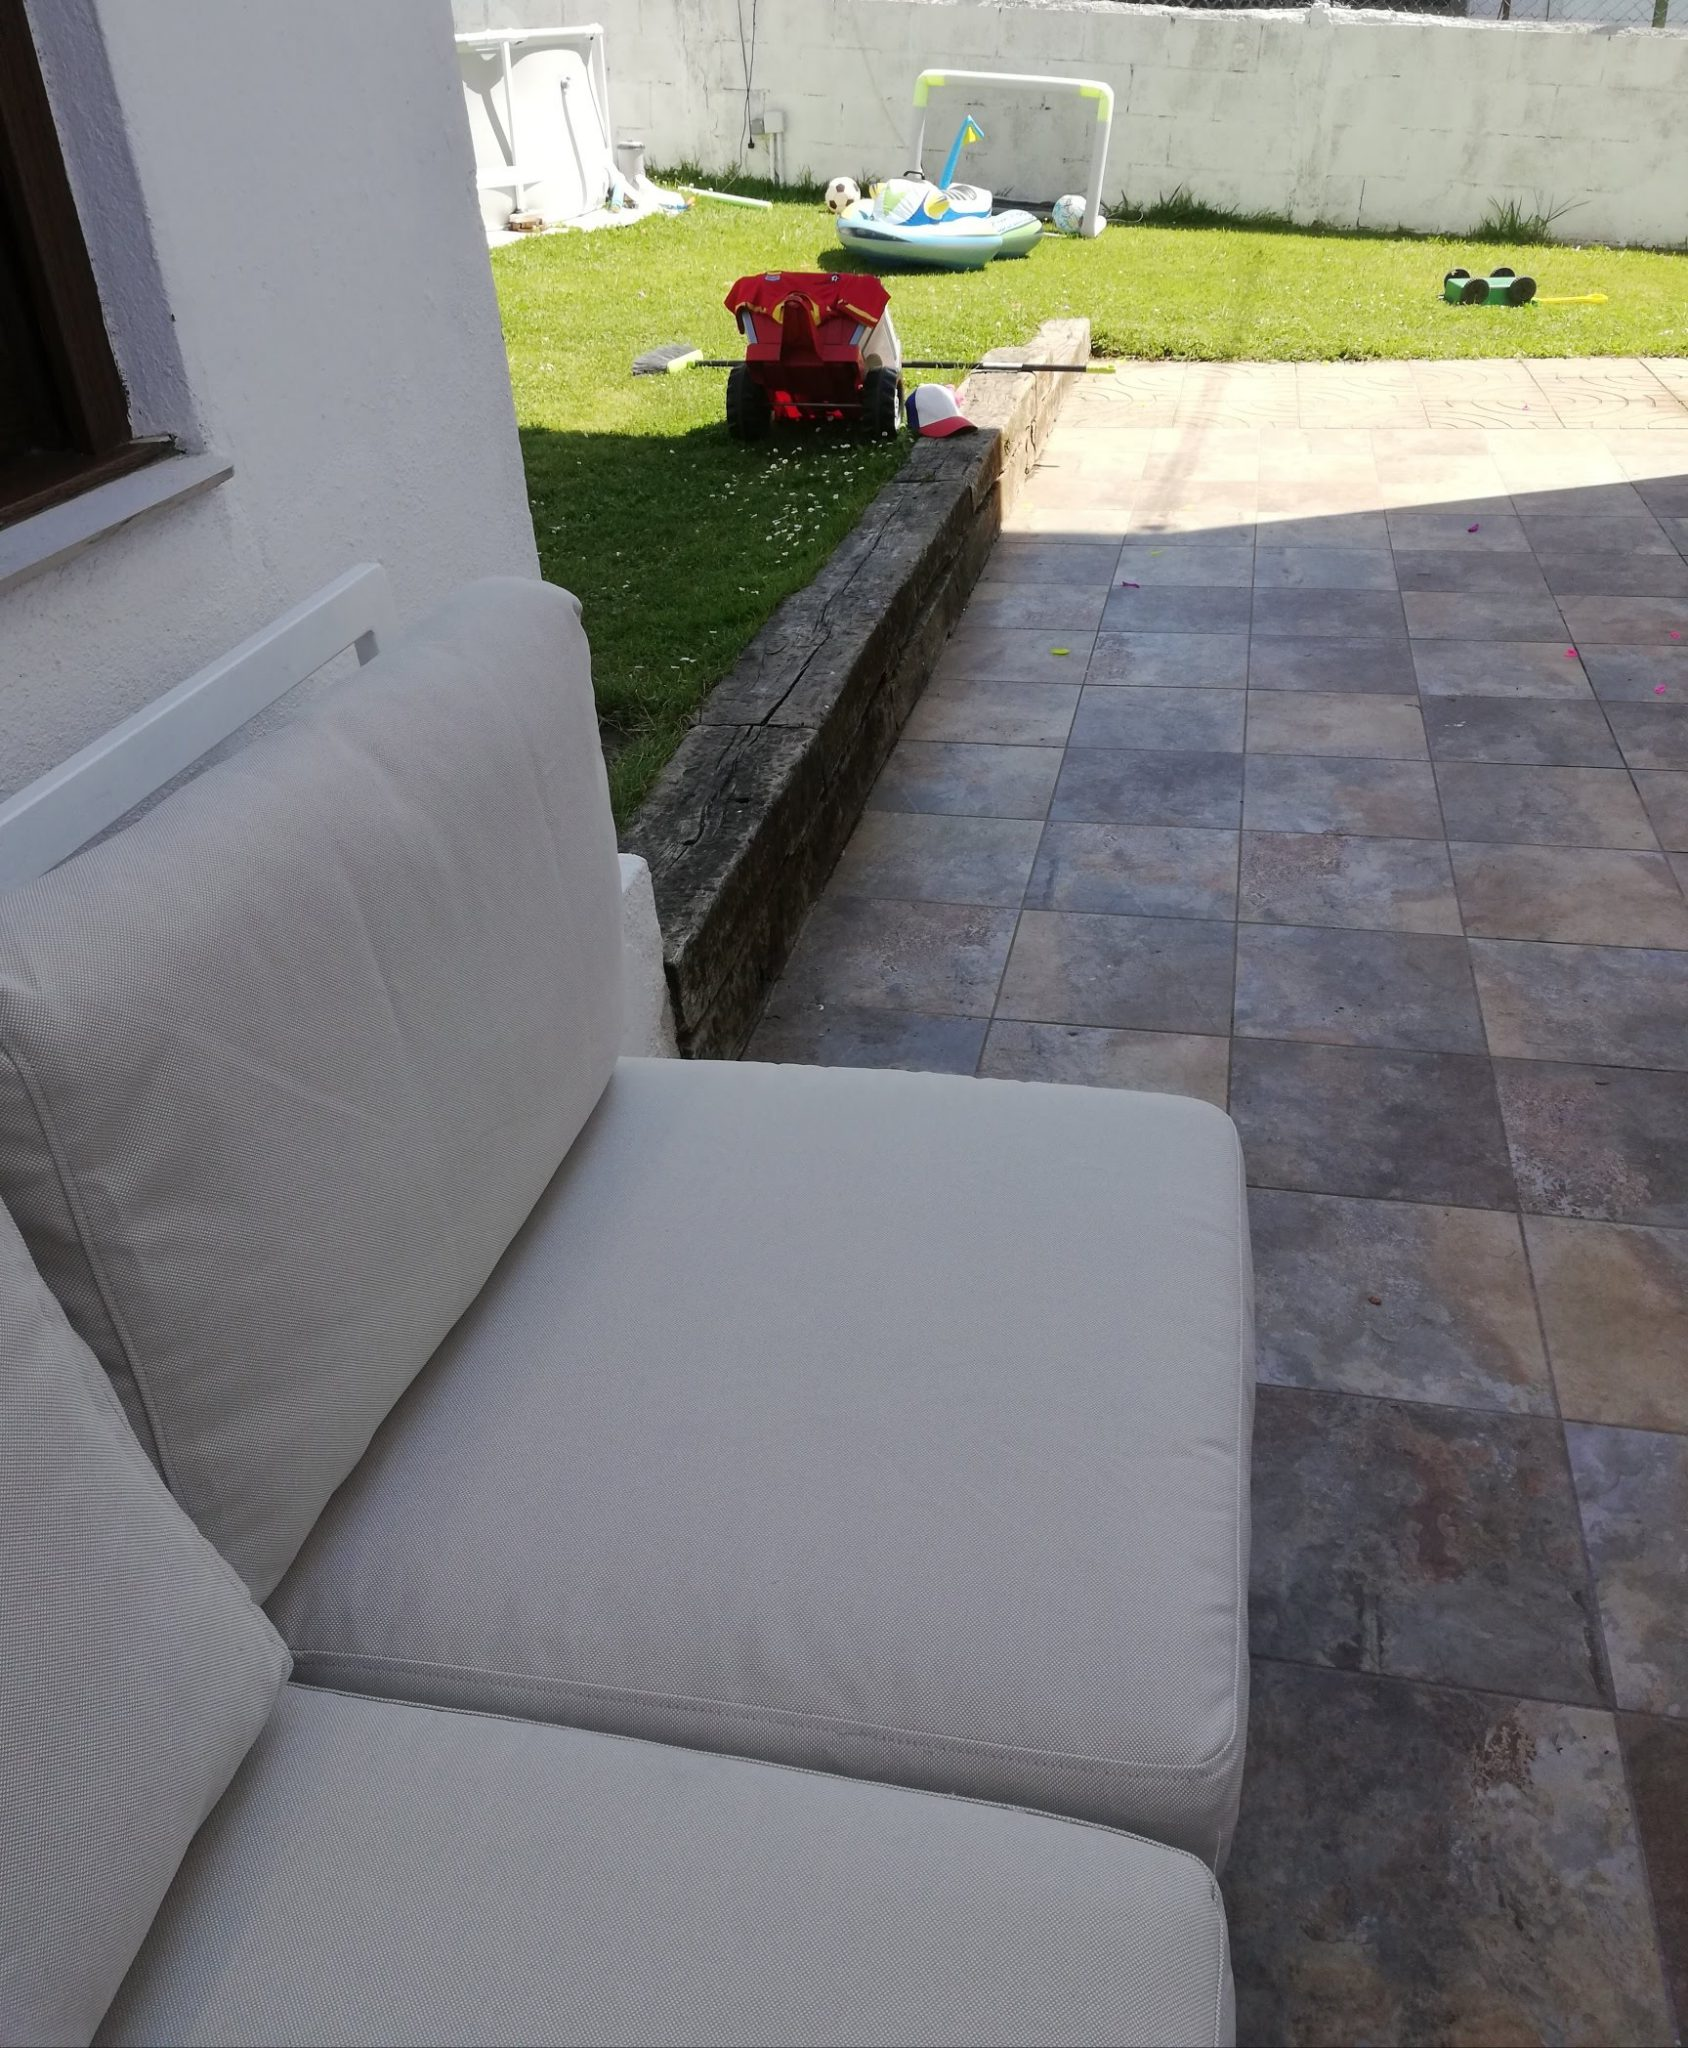 sofa y jardin de abuela a la ultima